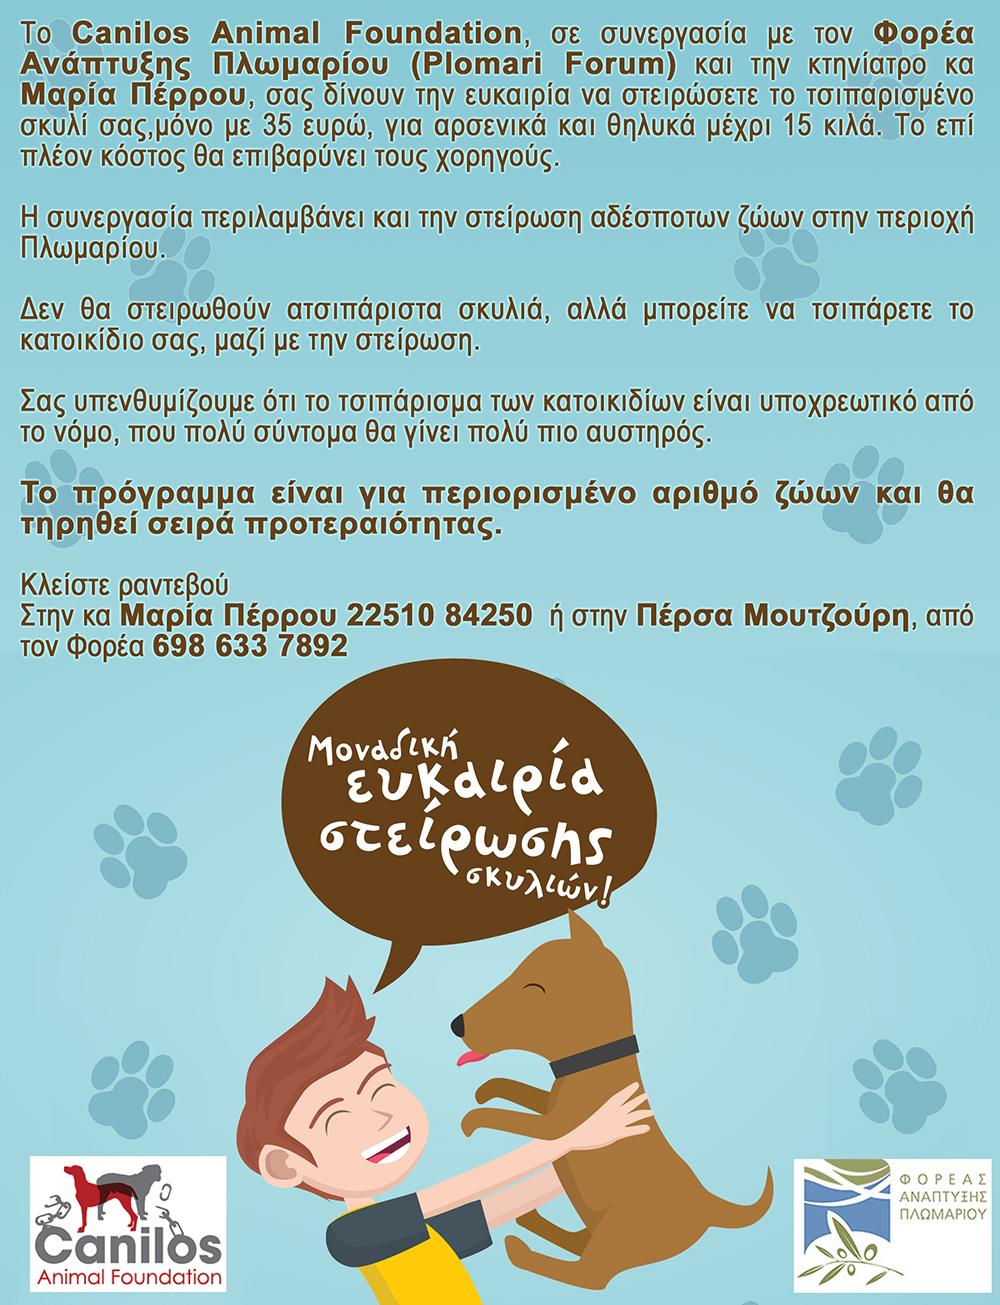 ραντεβού με τον κτηνίατρο σας